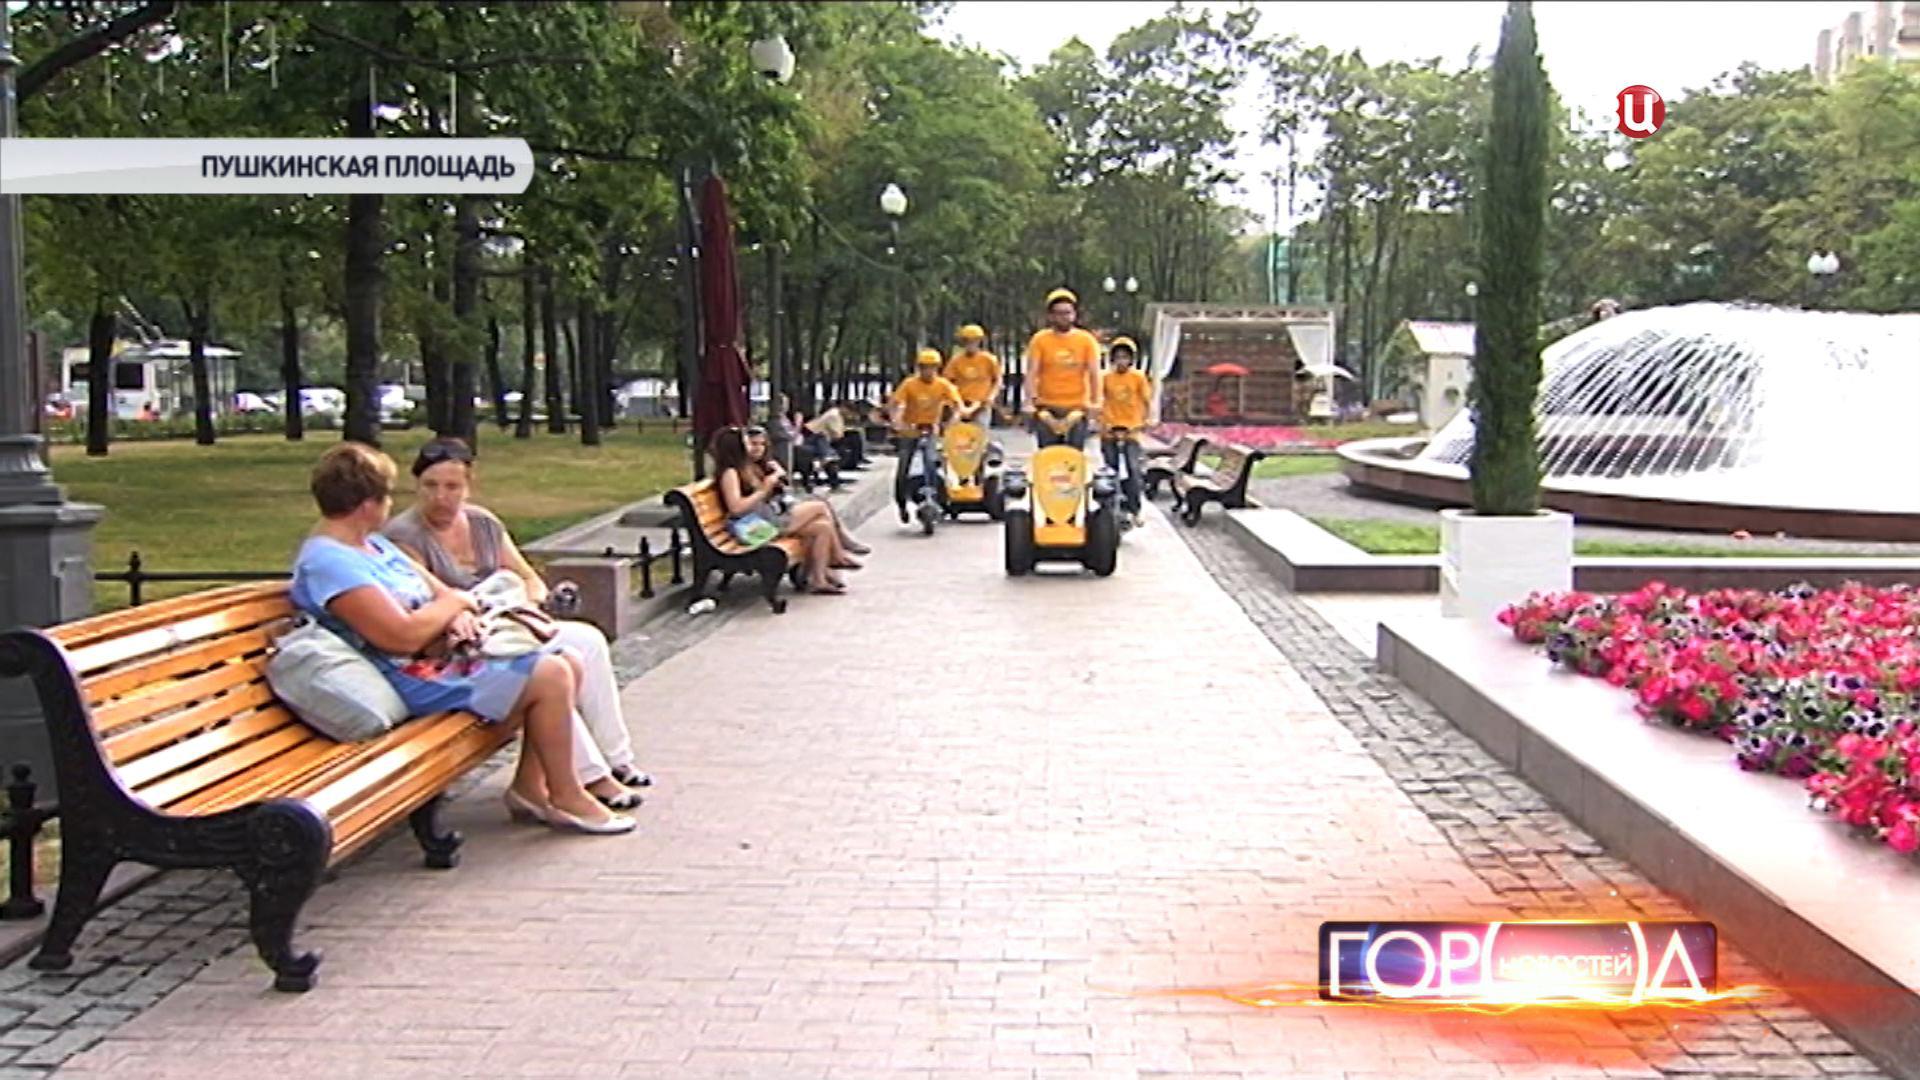 Веломобили на Пушкинской площади